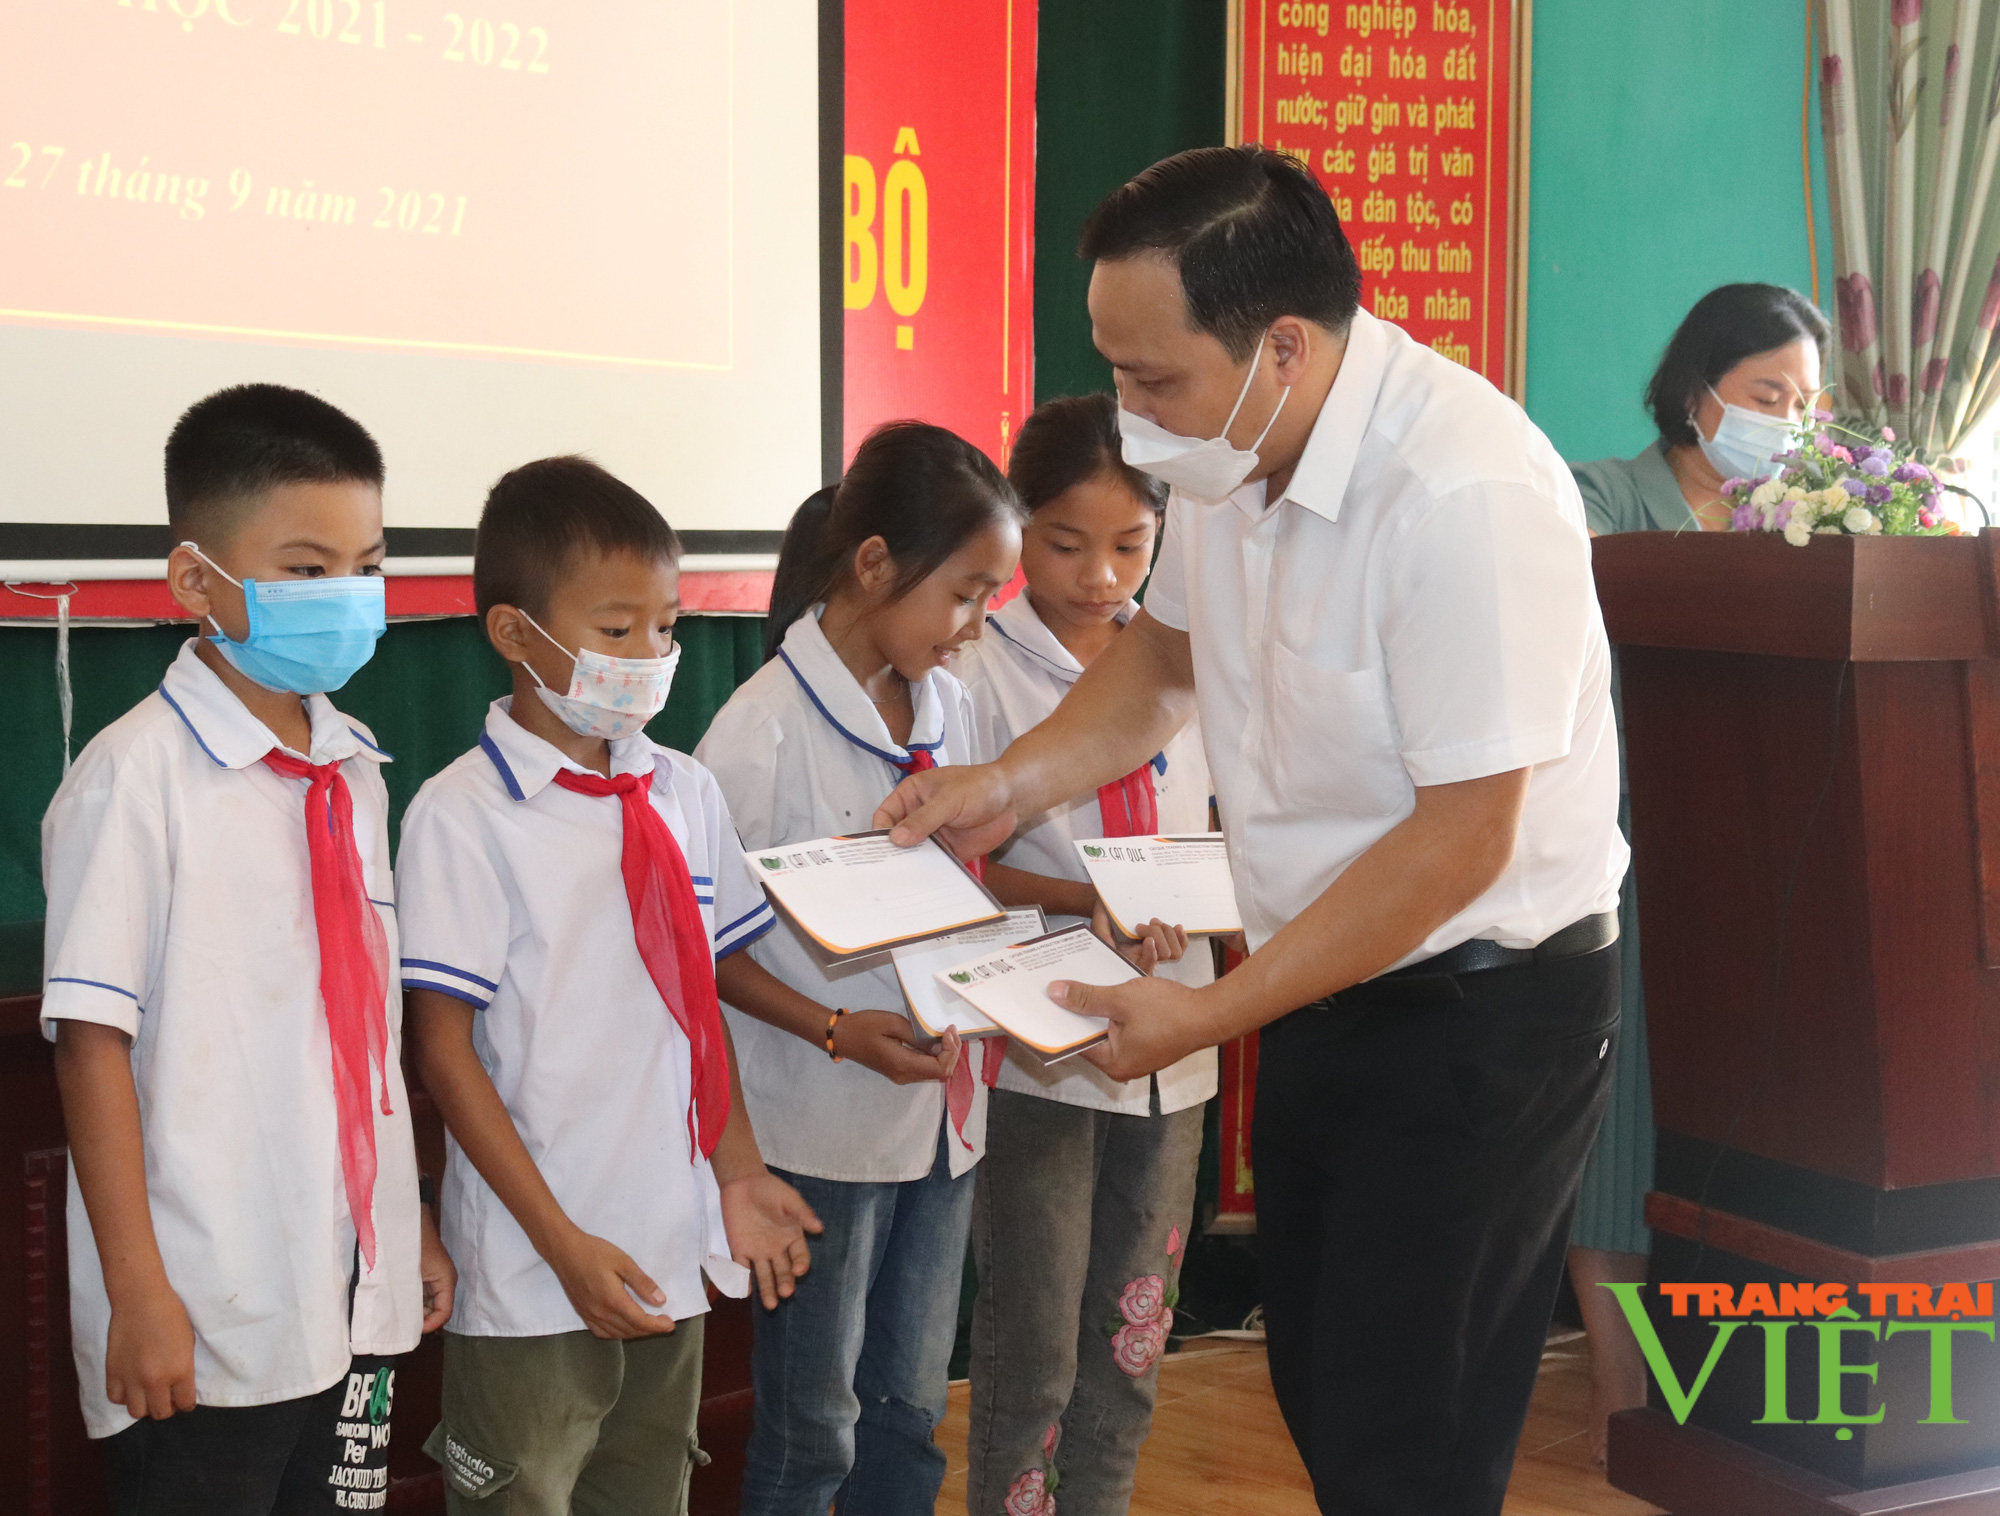 Sơn La: Trao 25 suất học bổng cho các em học sinh có hoàn cảnh khó khăn, vượt khó trong học tập - Ảnh 5.